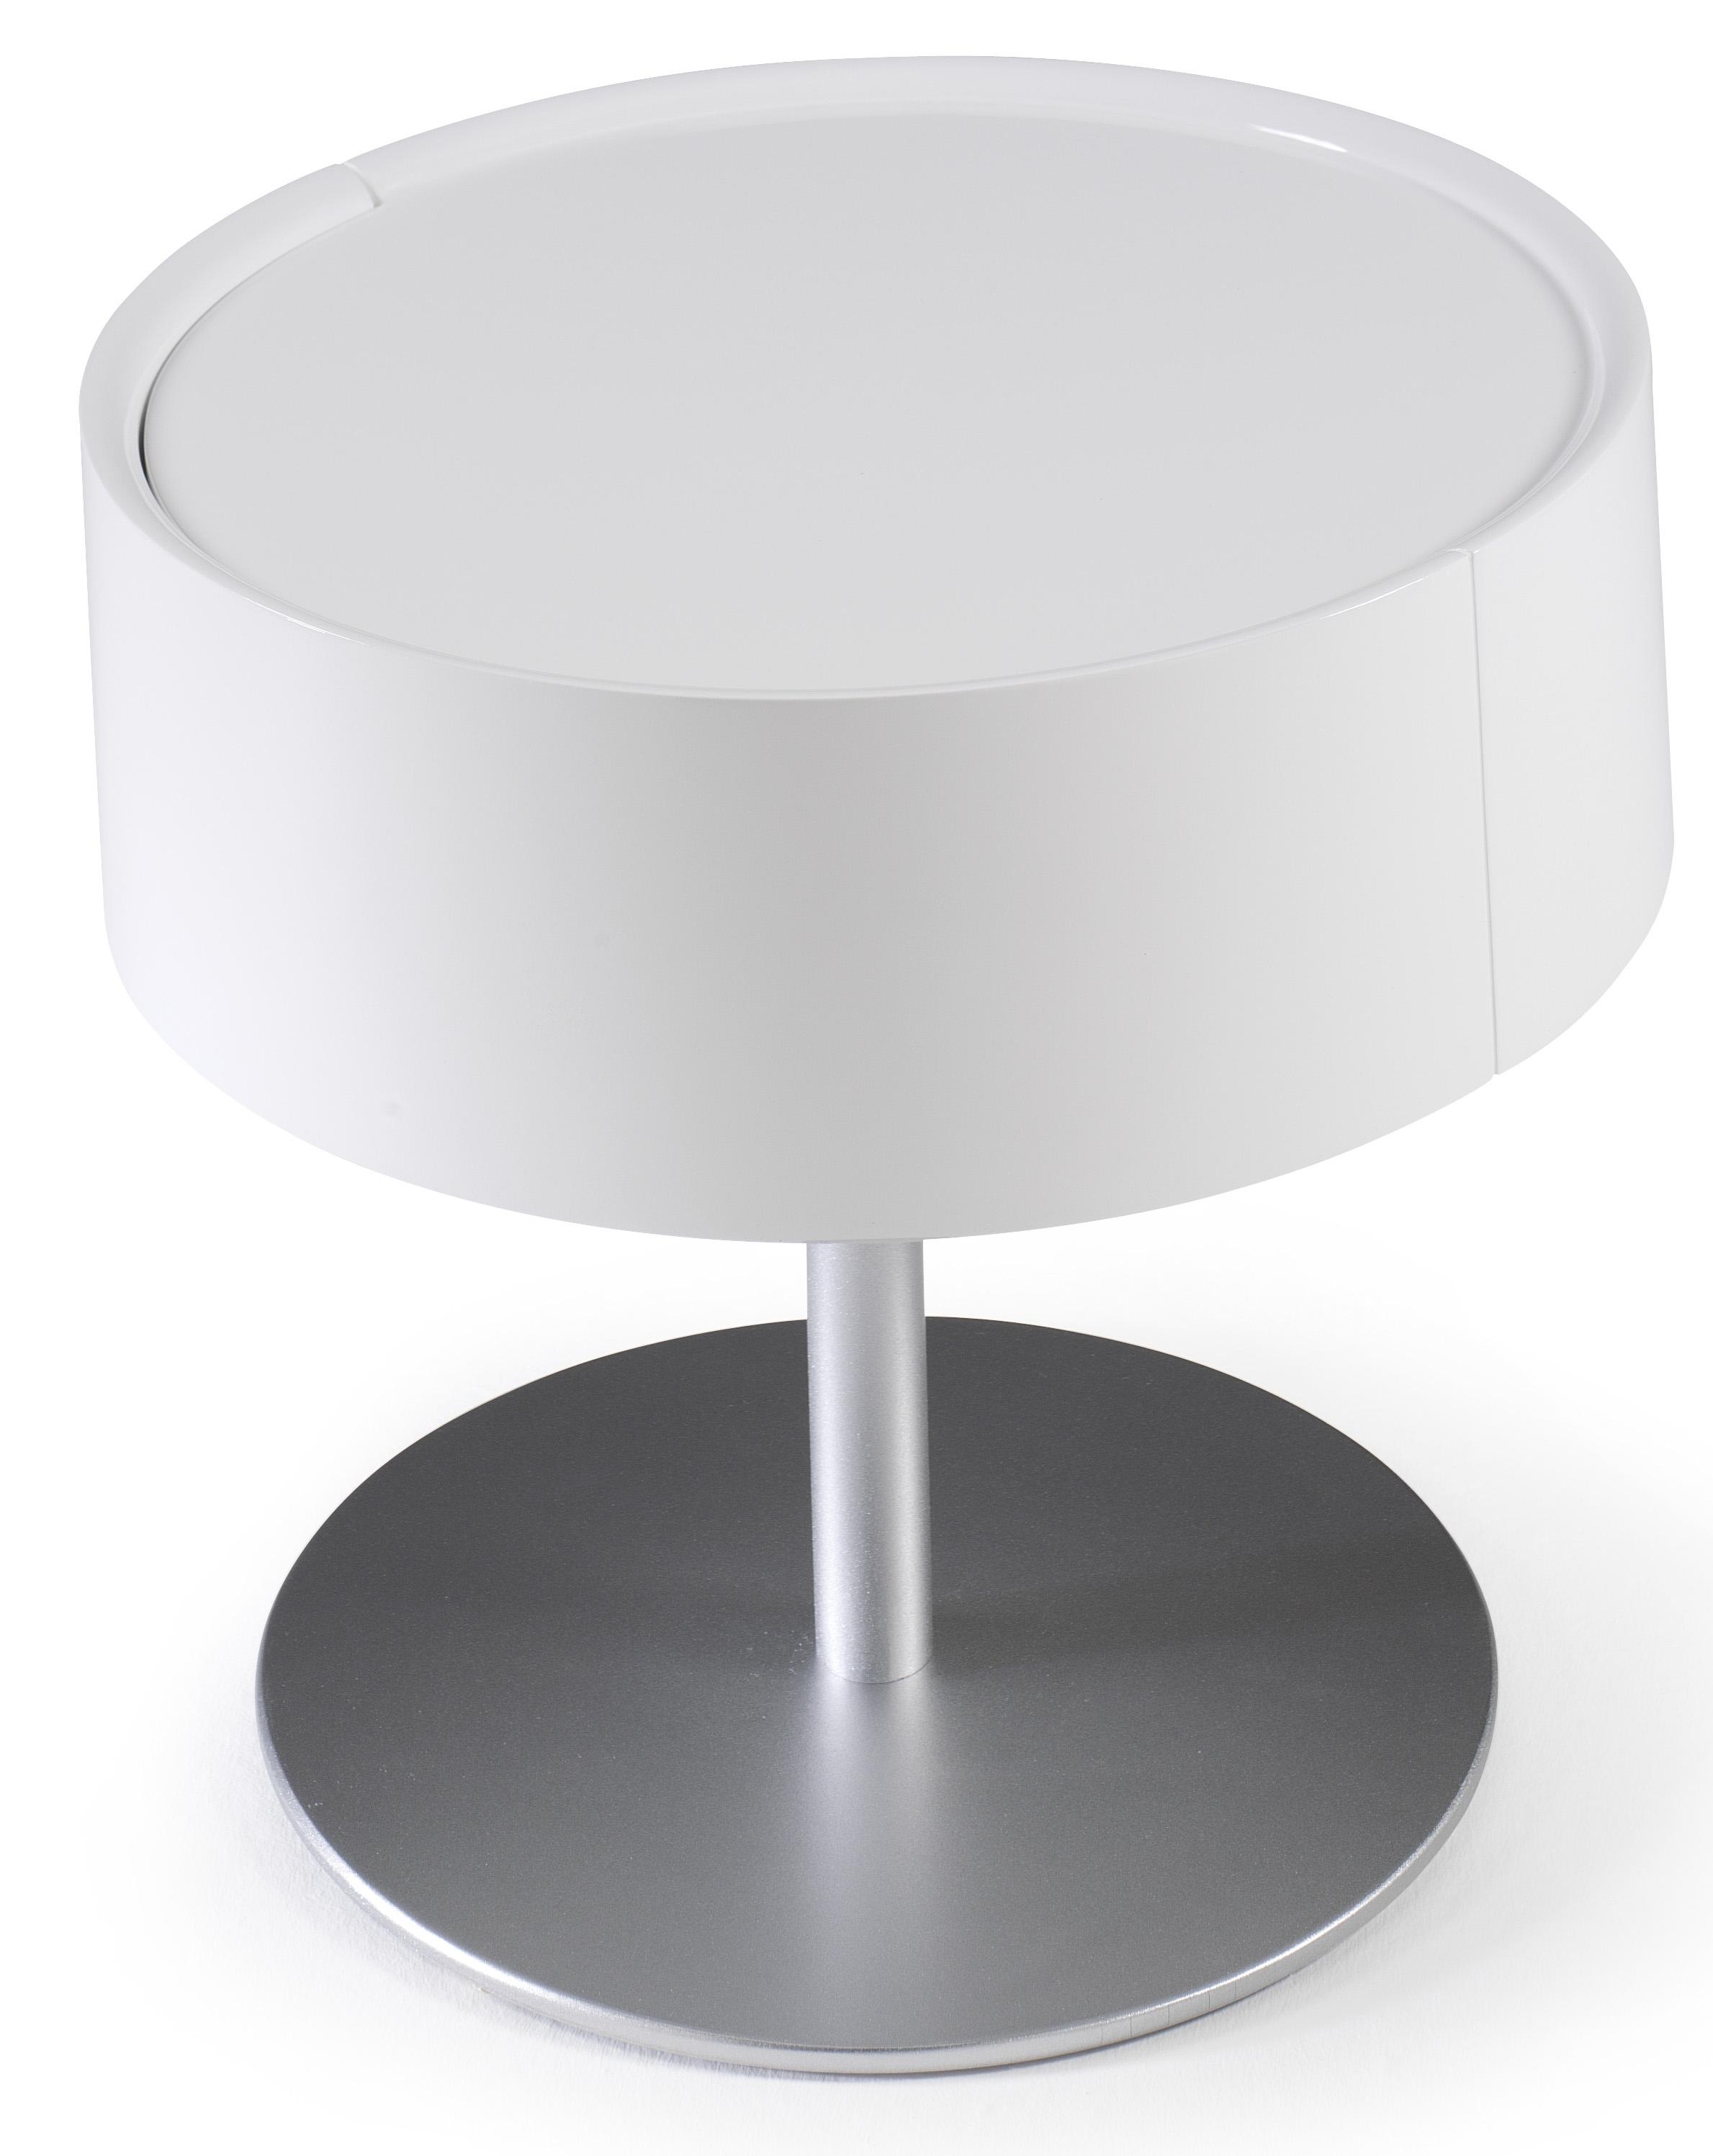 Table de chevet design blanc laqu torsada - Table de chevet design blanc ...